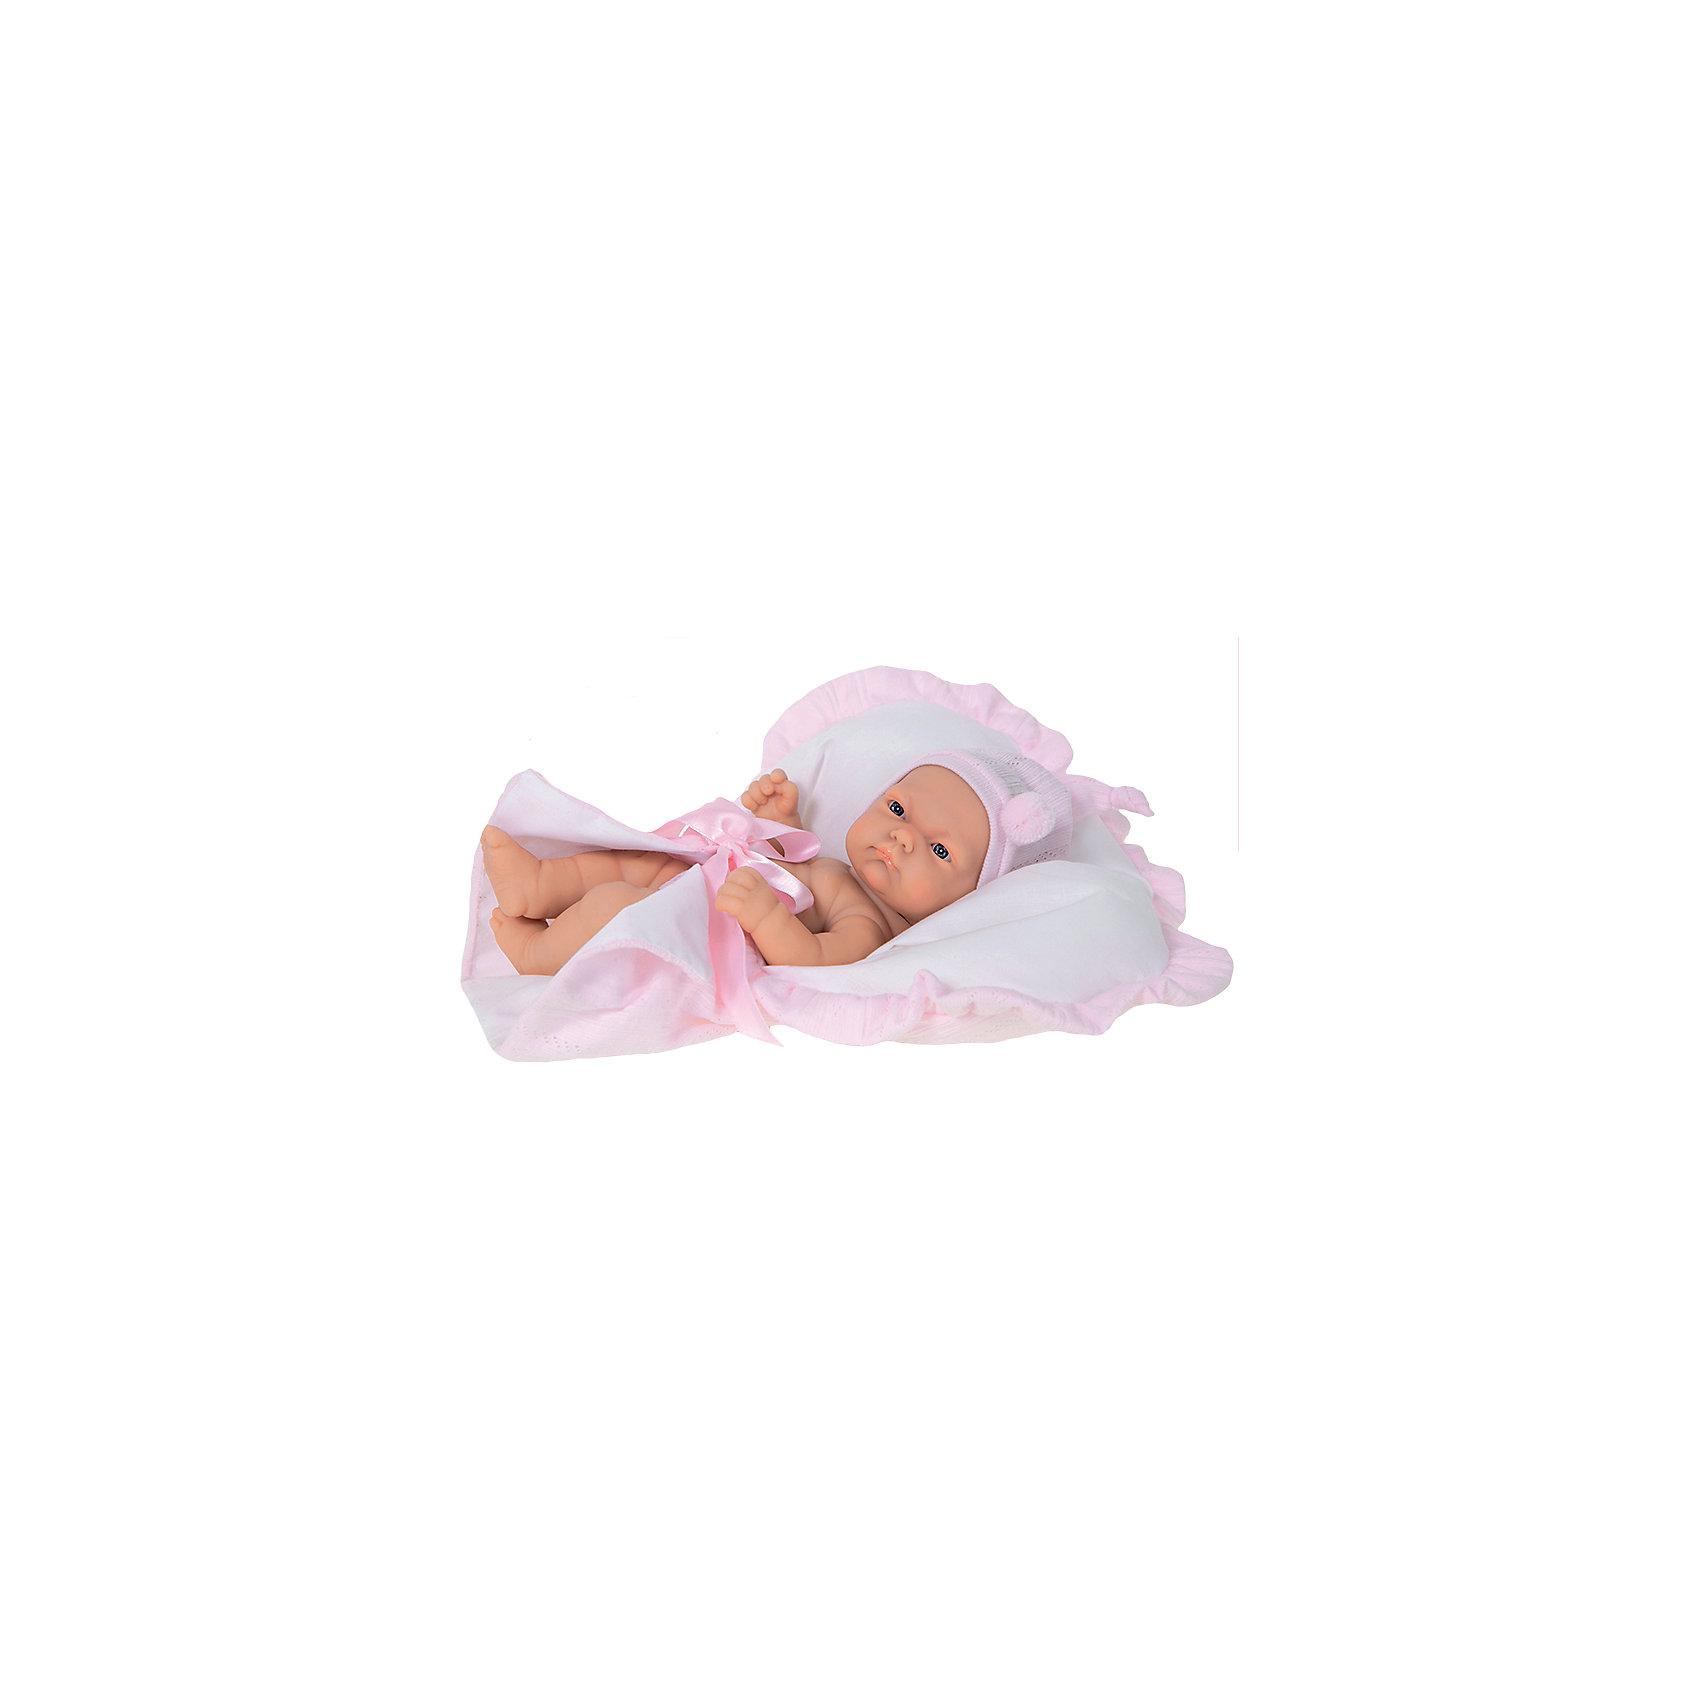 Кукла-младенец Лея, 26 см, Munecas Antonio JuanКукла-младенец Лея, 26 см, Munecas Antonio Juan (Мунекас Антонио Хуан) – это высококачественные куклы из Испании, популярные во всем мире.<br>Восхитительная кукла-младенец Лея порадует вашу малышку и подарит массу положительных эмоций. Кукла выполнена с анатомической точностью и натуралистичностью и является уменьшенной копией настоящего младенца с пухлыми щечками и поджатыми губками. Лея одета в розовое платье, на голове – повязка с бантиком. В набор с куклой входит симпатичная розовая сумочка, которую девочка может использовать как переноску или кроватку. Кукла полностью изготовлена из высококачественного винила с покрытием софт-тач, мягкого и приятного на ощупь. Ручки и ножки подвижны. Глаза не закрываются. Встреча с такой куклой вызывает только одно желание - позаботиться о ней, прижать ее к себе, убаюкать. Такая игрушка - предел мечтаний любой девочки! Образы малышей Мунекас разработаны известными европейскими дизайнерами. Изготовлены из высококачественных материалов не вызывающих аллергических реакций.<br><br>Дополнительная информация:<br><br>- В наборе: кукла, люлька-переноска<br>- Высота куклы: 26 см.<br>- Материал: текстиль, высококачественный винил<br>- Упаковка: подарочная коробка<br>- Размер упаковки: 17,5х10х31 см.<br>- Вес: 630 гр.<br><br>Куклу-младенца Лея, 26 см, Munecas Antonio Juan (Мунекас Антонио Хуан) можно купить в нашем интернет-магазине.<br><br>Ширина мм: 175<br>Глубина мм: 100<br>Высота мм: 310<br>Вес г: 630<br>Возраст от месяцев: 36<br>Возраст до месяцев: 84<br>Пол: Женский<br>Возраст: Детский<br>SKU: 4347298